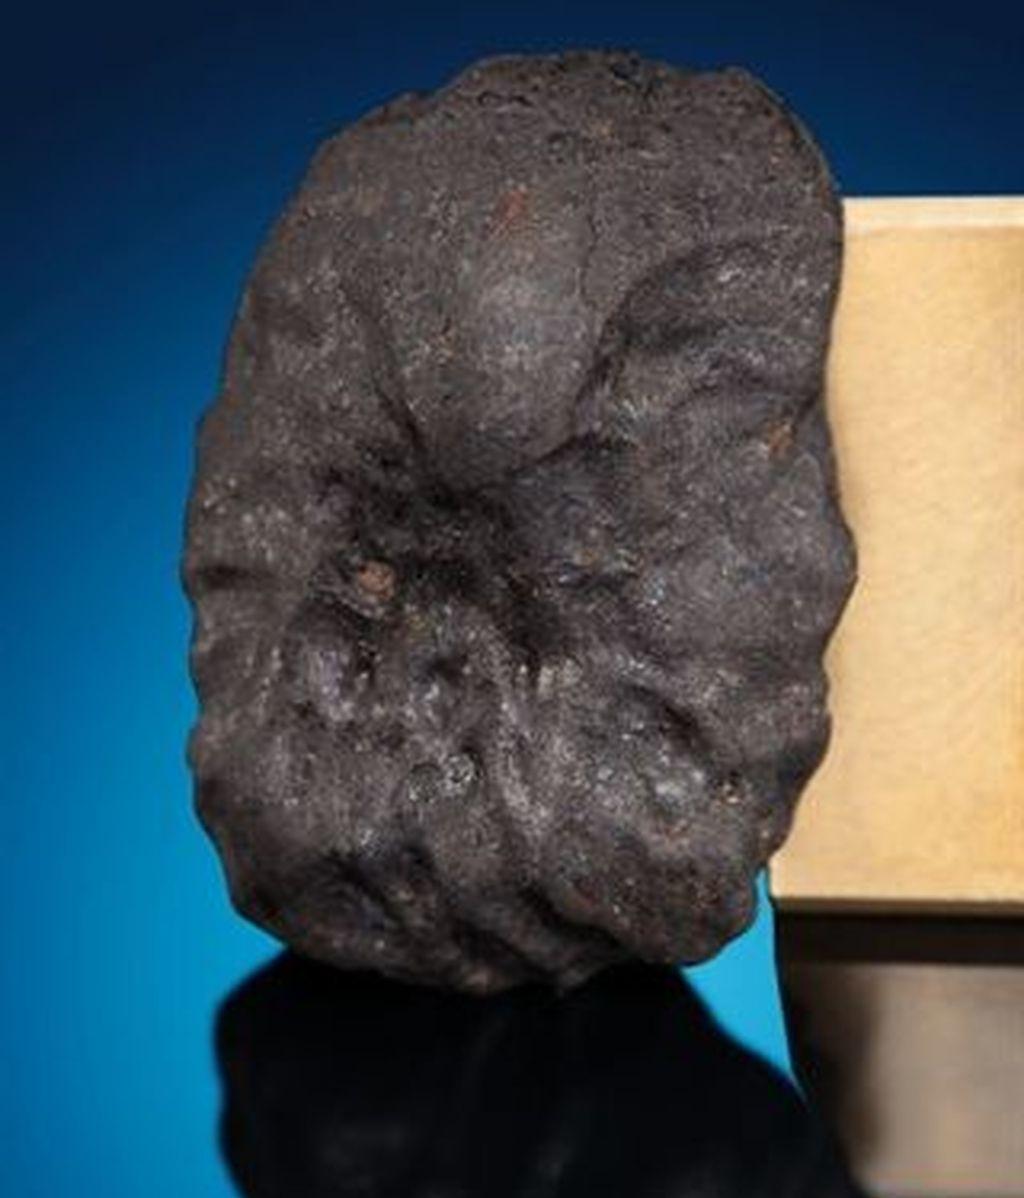 Se subastan tres fragmentos del meteorito que causó 1.000 heridos en Rusia